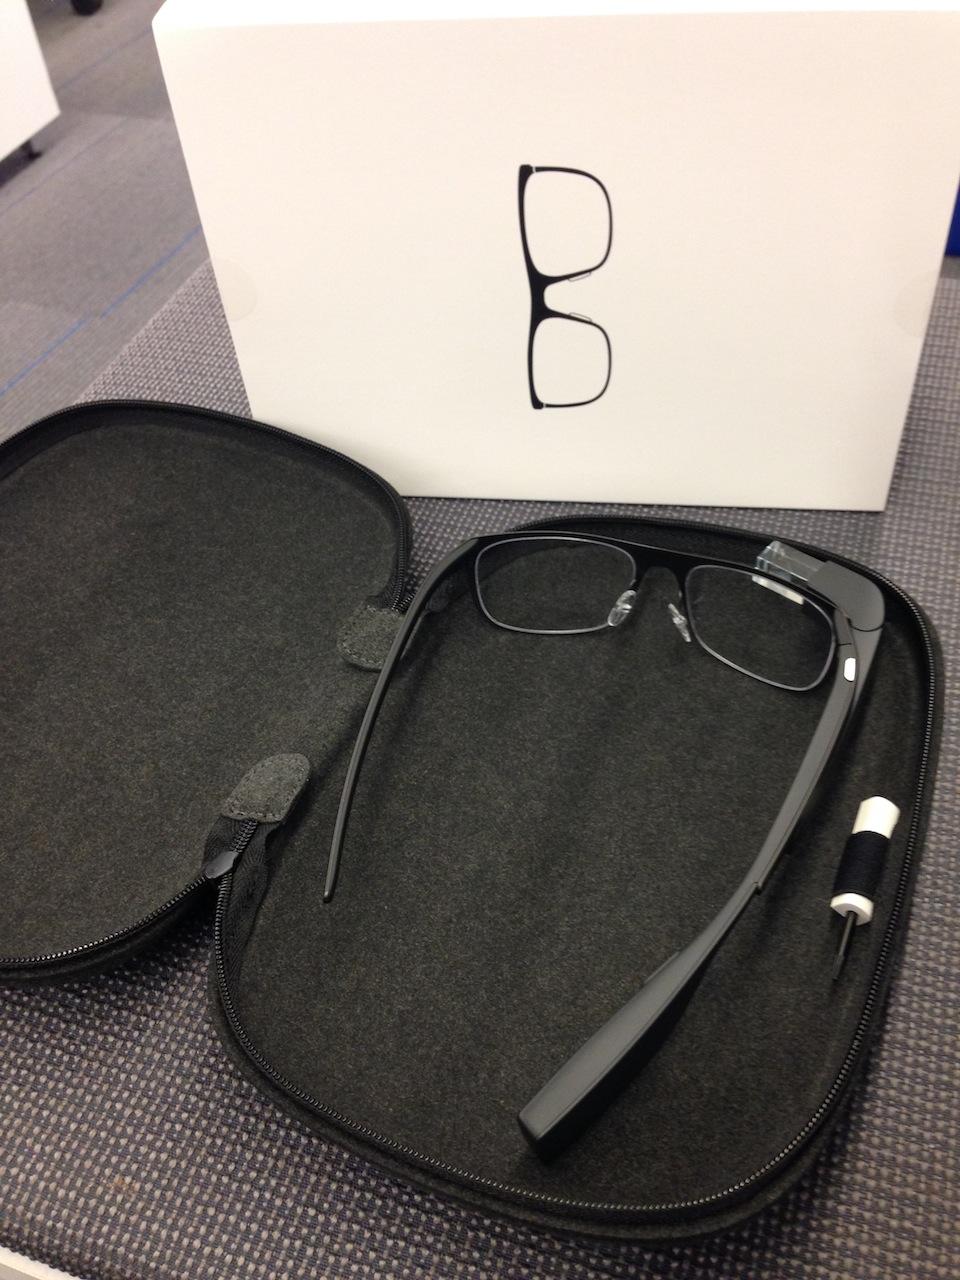 Google Glass tendrá una nueva funda oficial para proteger su tan comentado punto débil.